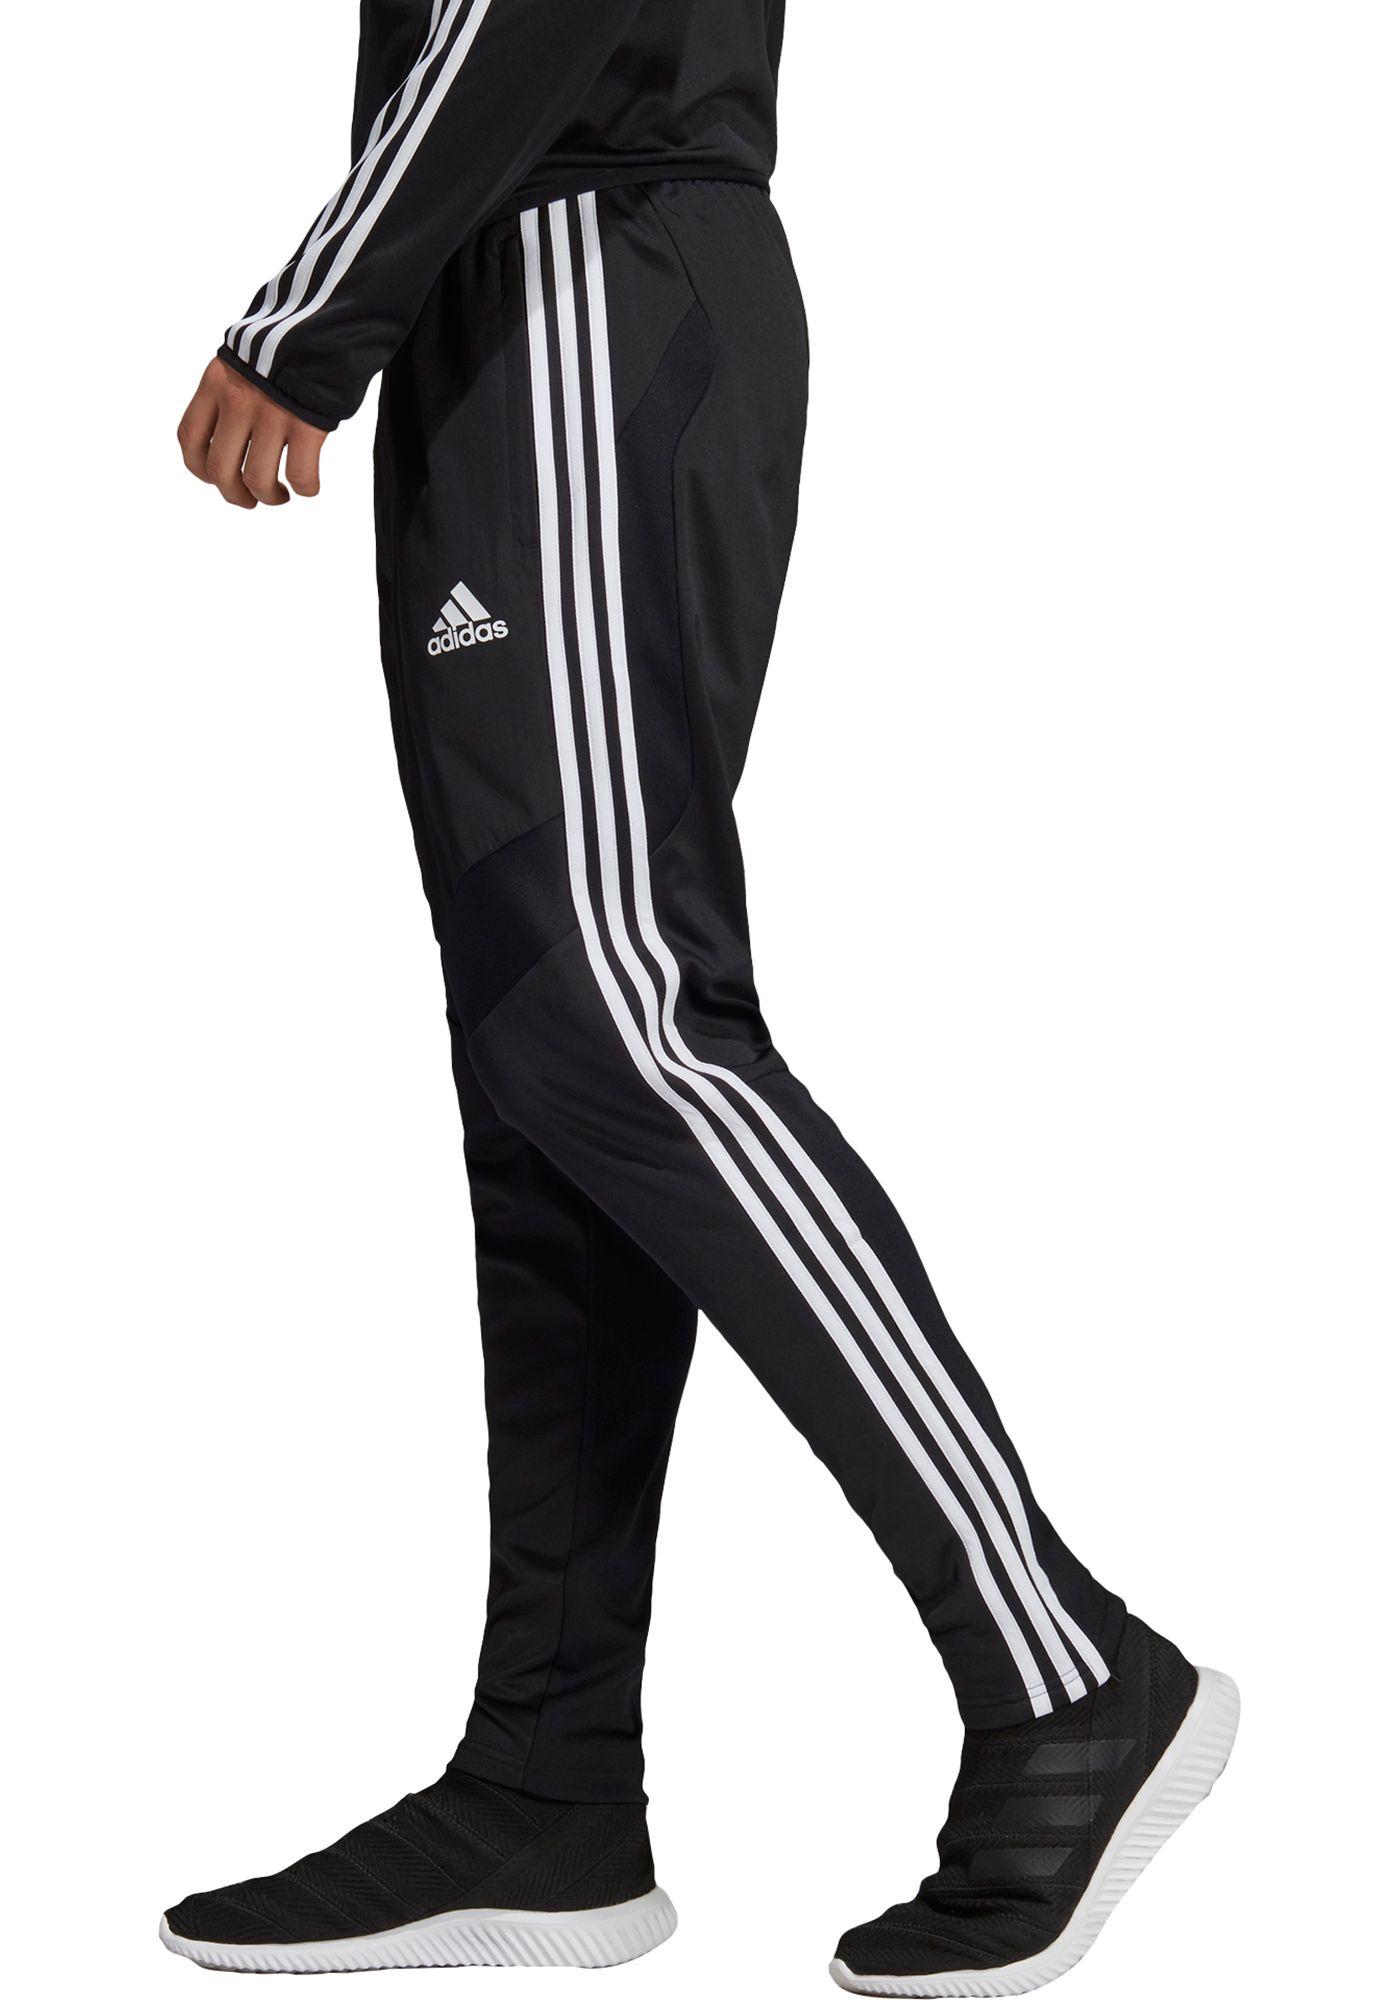 adidas Men's Tiro 19 Warm Up Pants